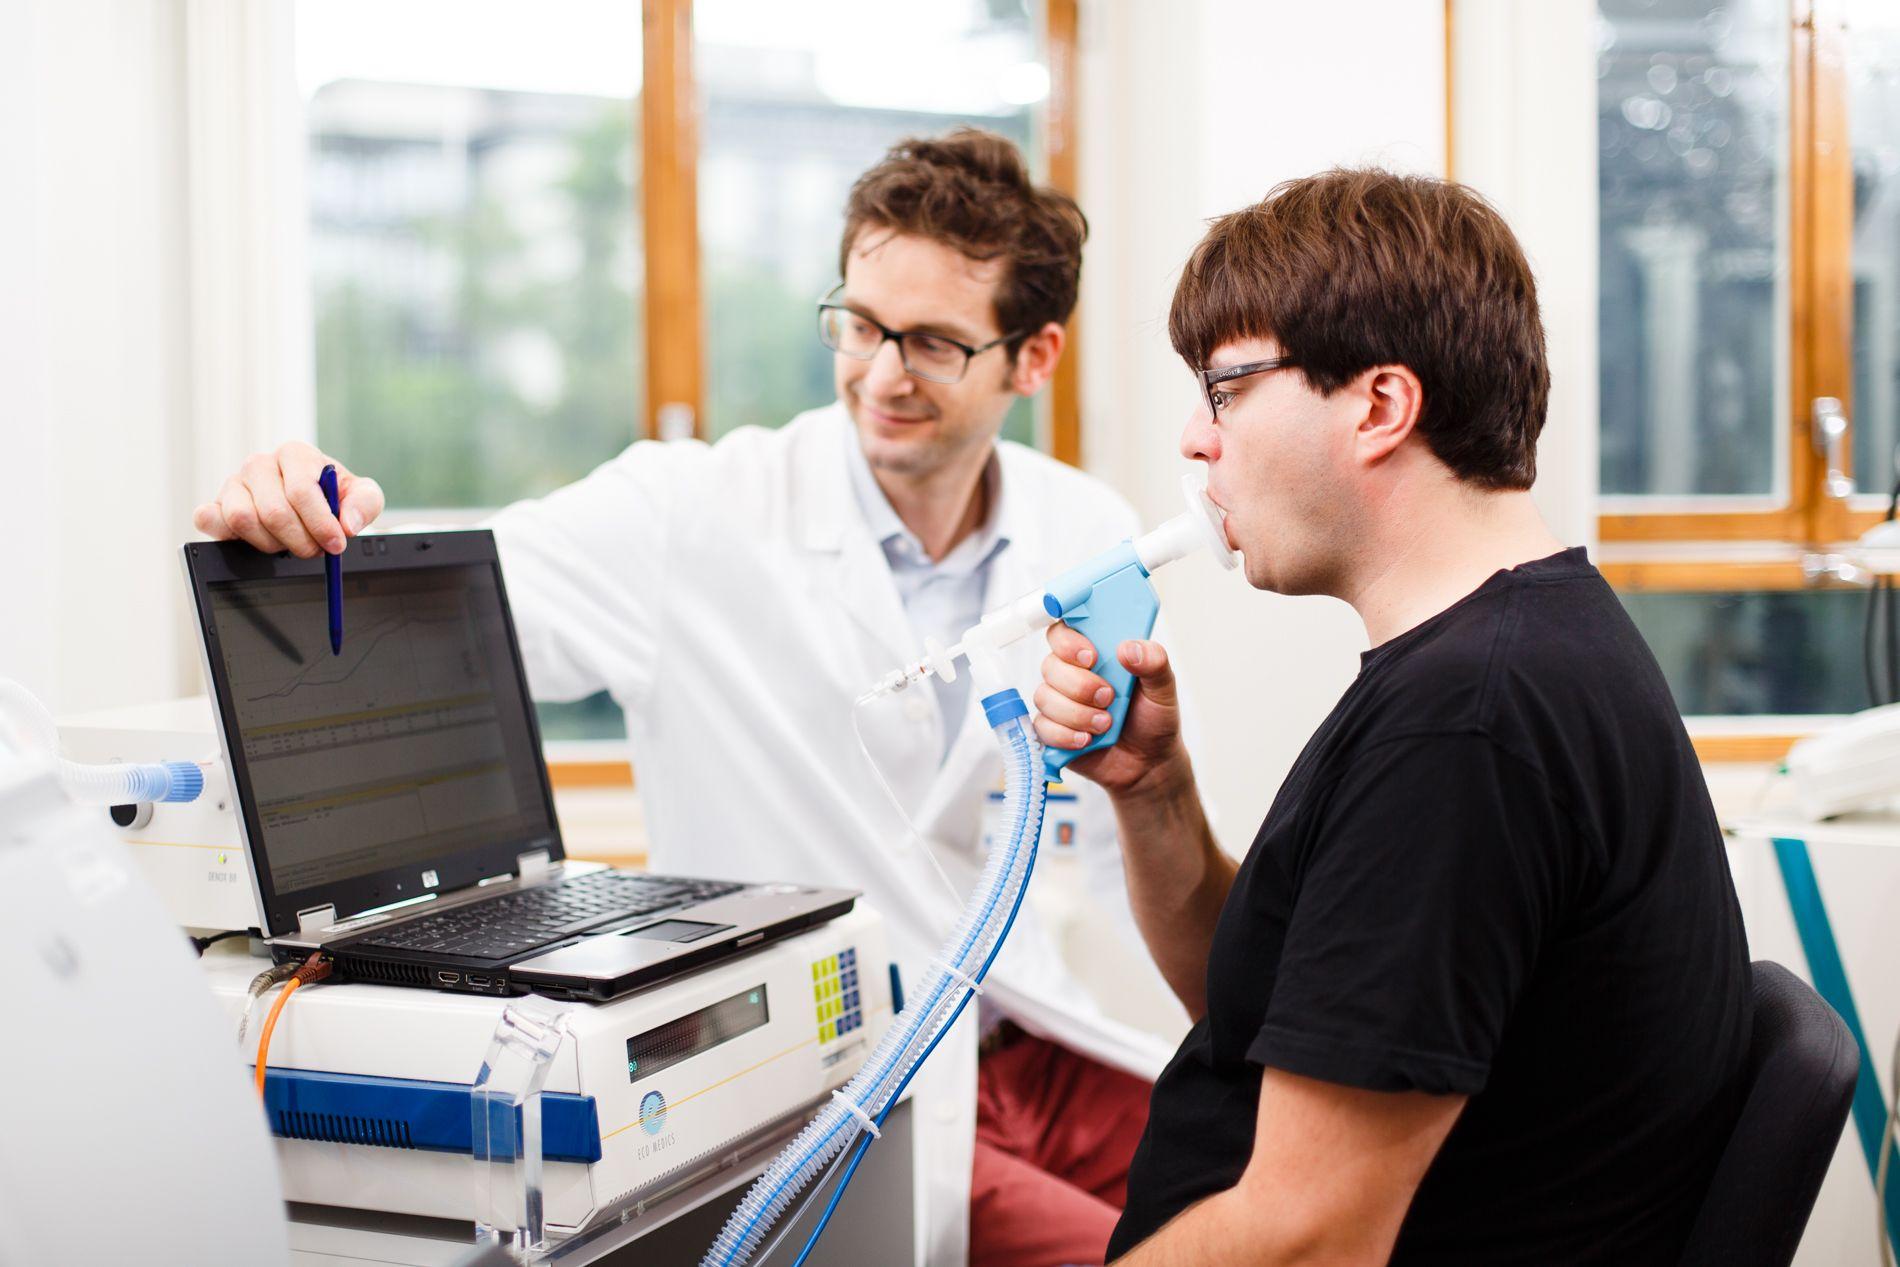 Ein Arzt erklärt einem Patienten, der gerade einen Lungenfunktionstest macht, wie Auswertung zu verstehen ist